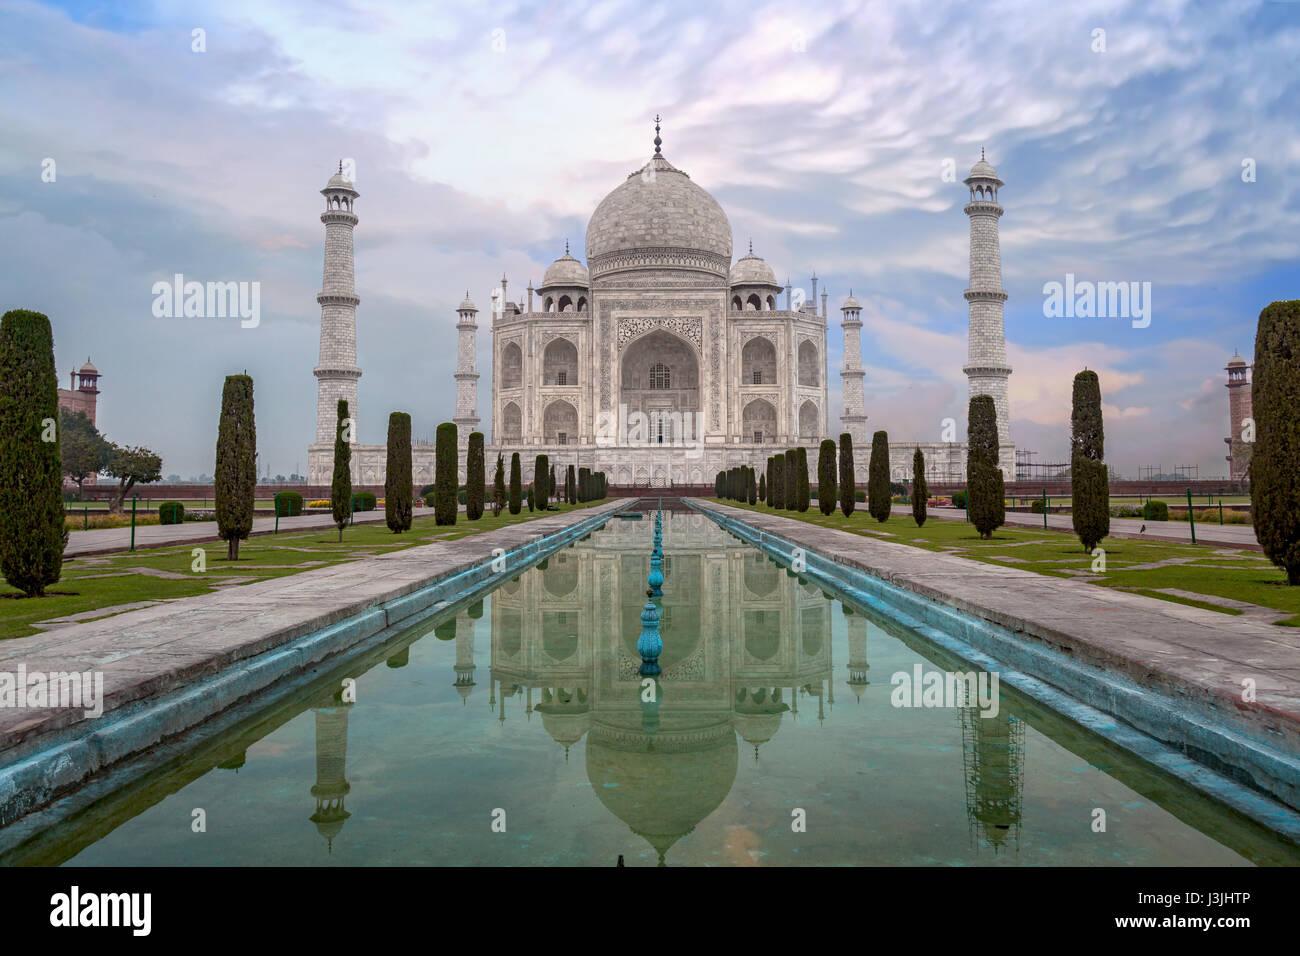 Taj Mahal di sunrise. Taj Mahal è un marmo bianco mausoleo di Agra designata come sito del Patrimonio Mondiale Immagini Stock